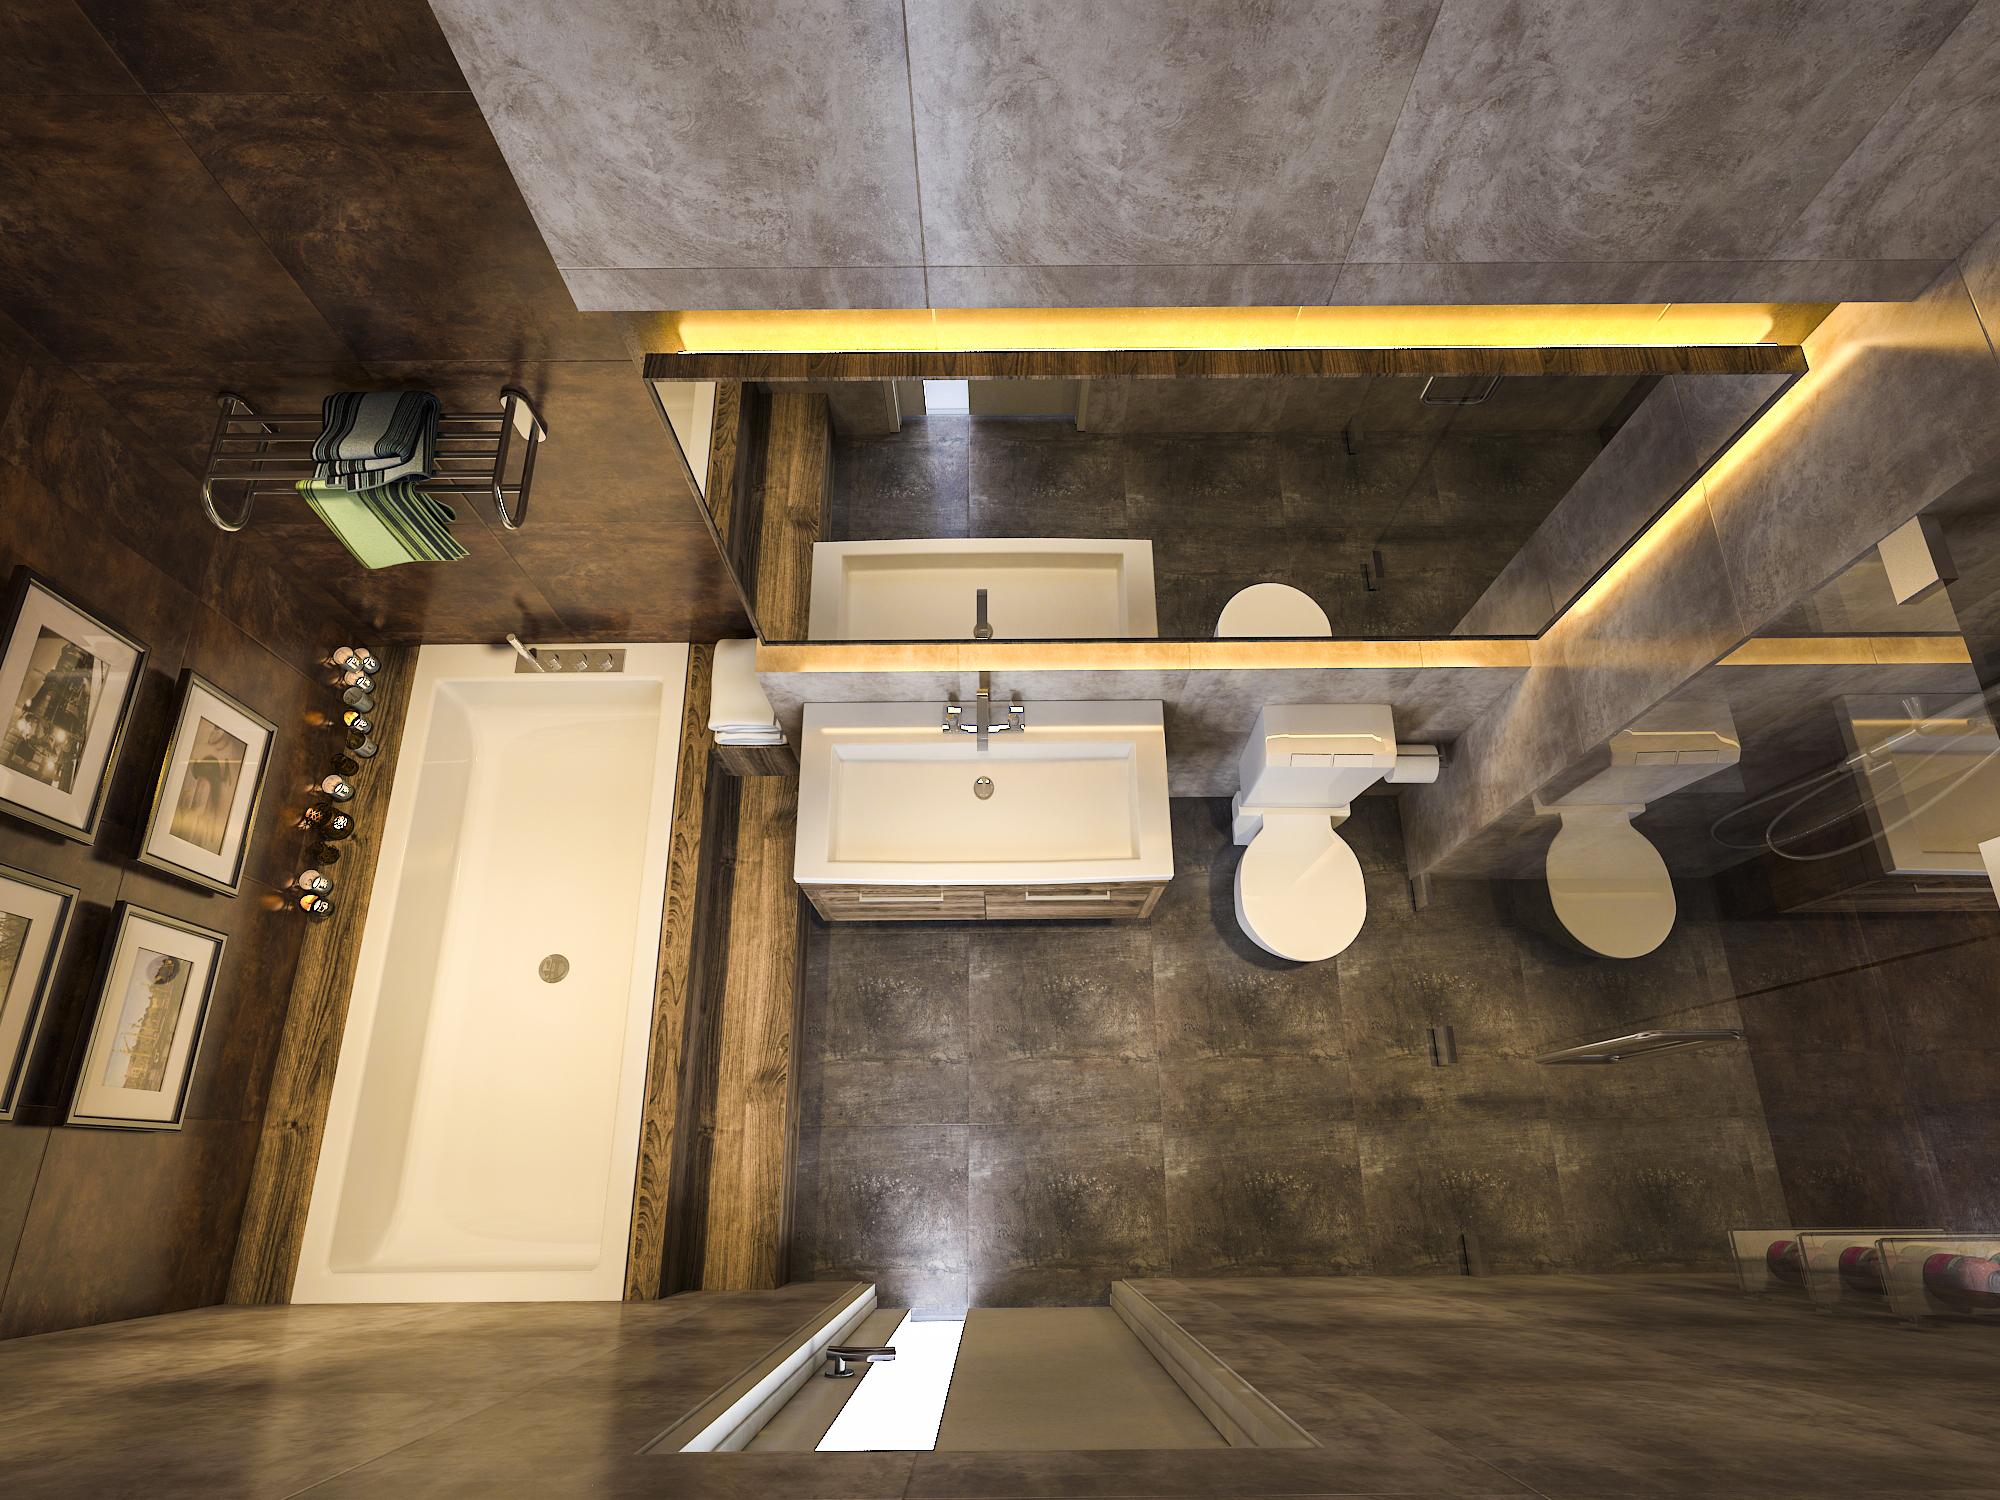 thiết kế nội thất chung cư tại Hồ Chí Minh Ms. Ly Apartment 26 1562574651